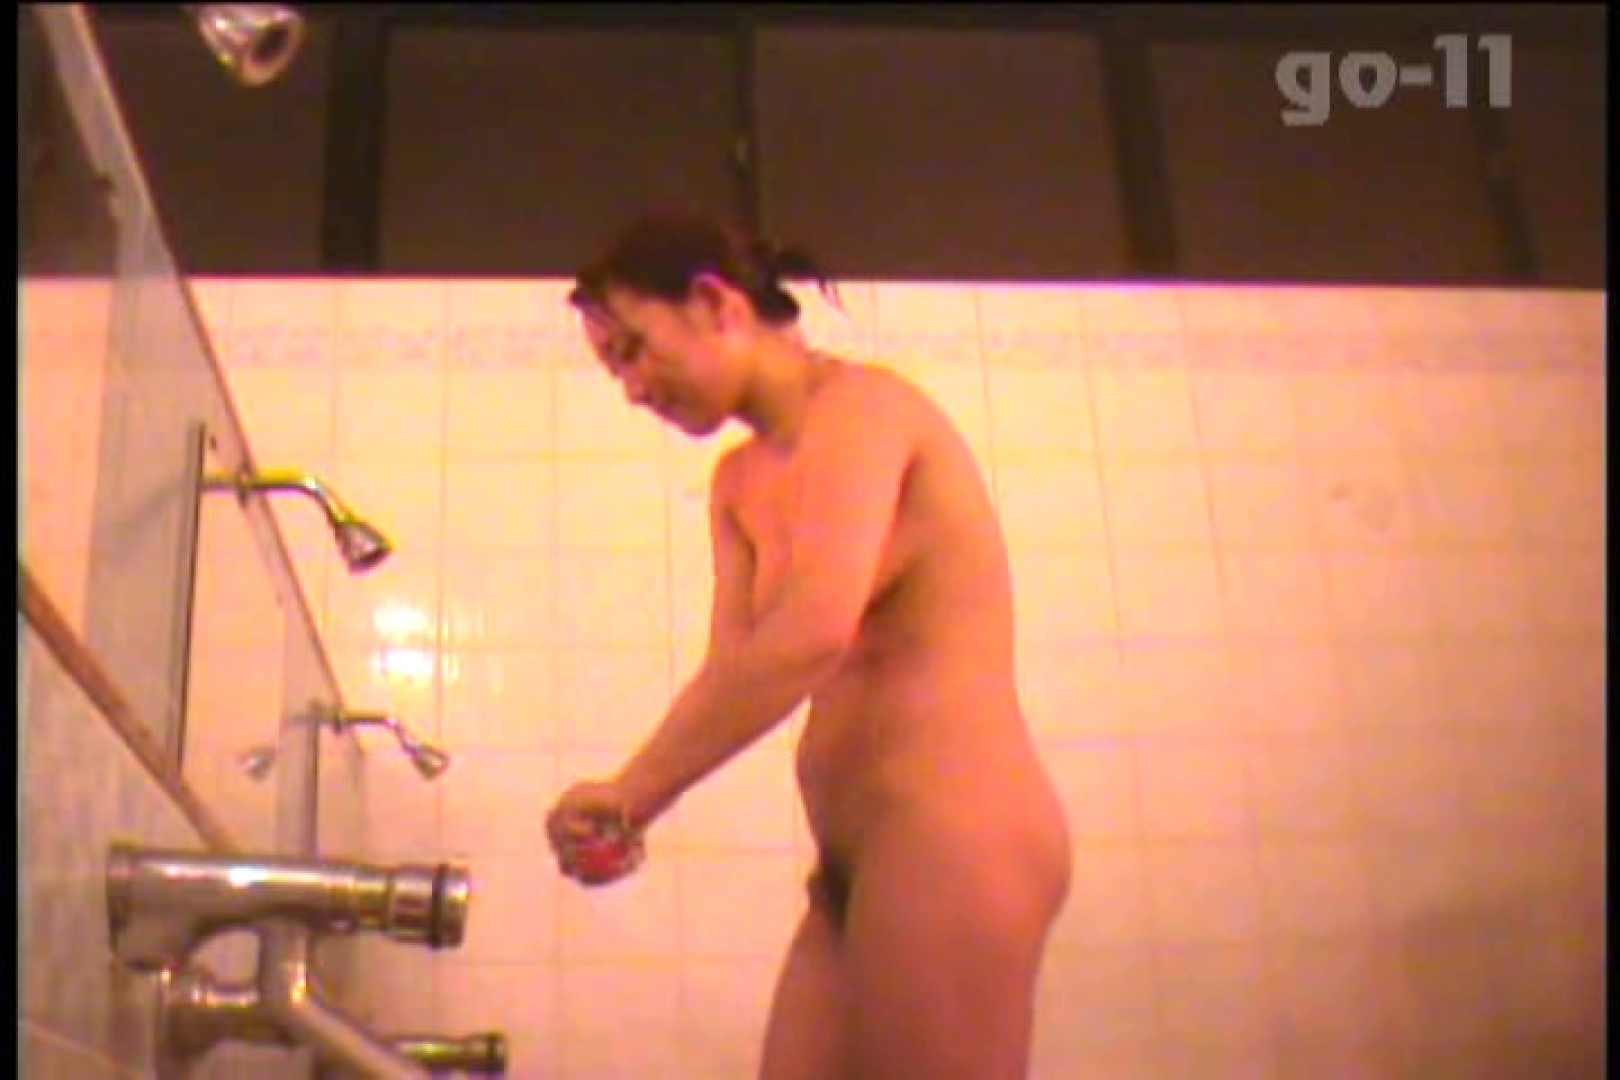 電波カメラ設置浴場からの防HAN映像 Vol.11 チラ  91pic 1